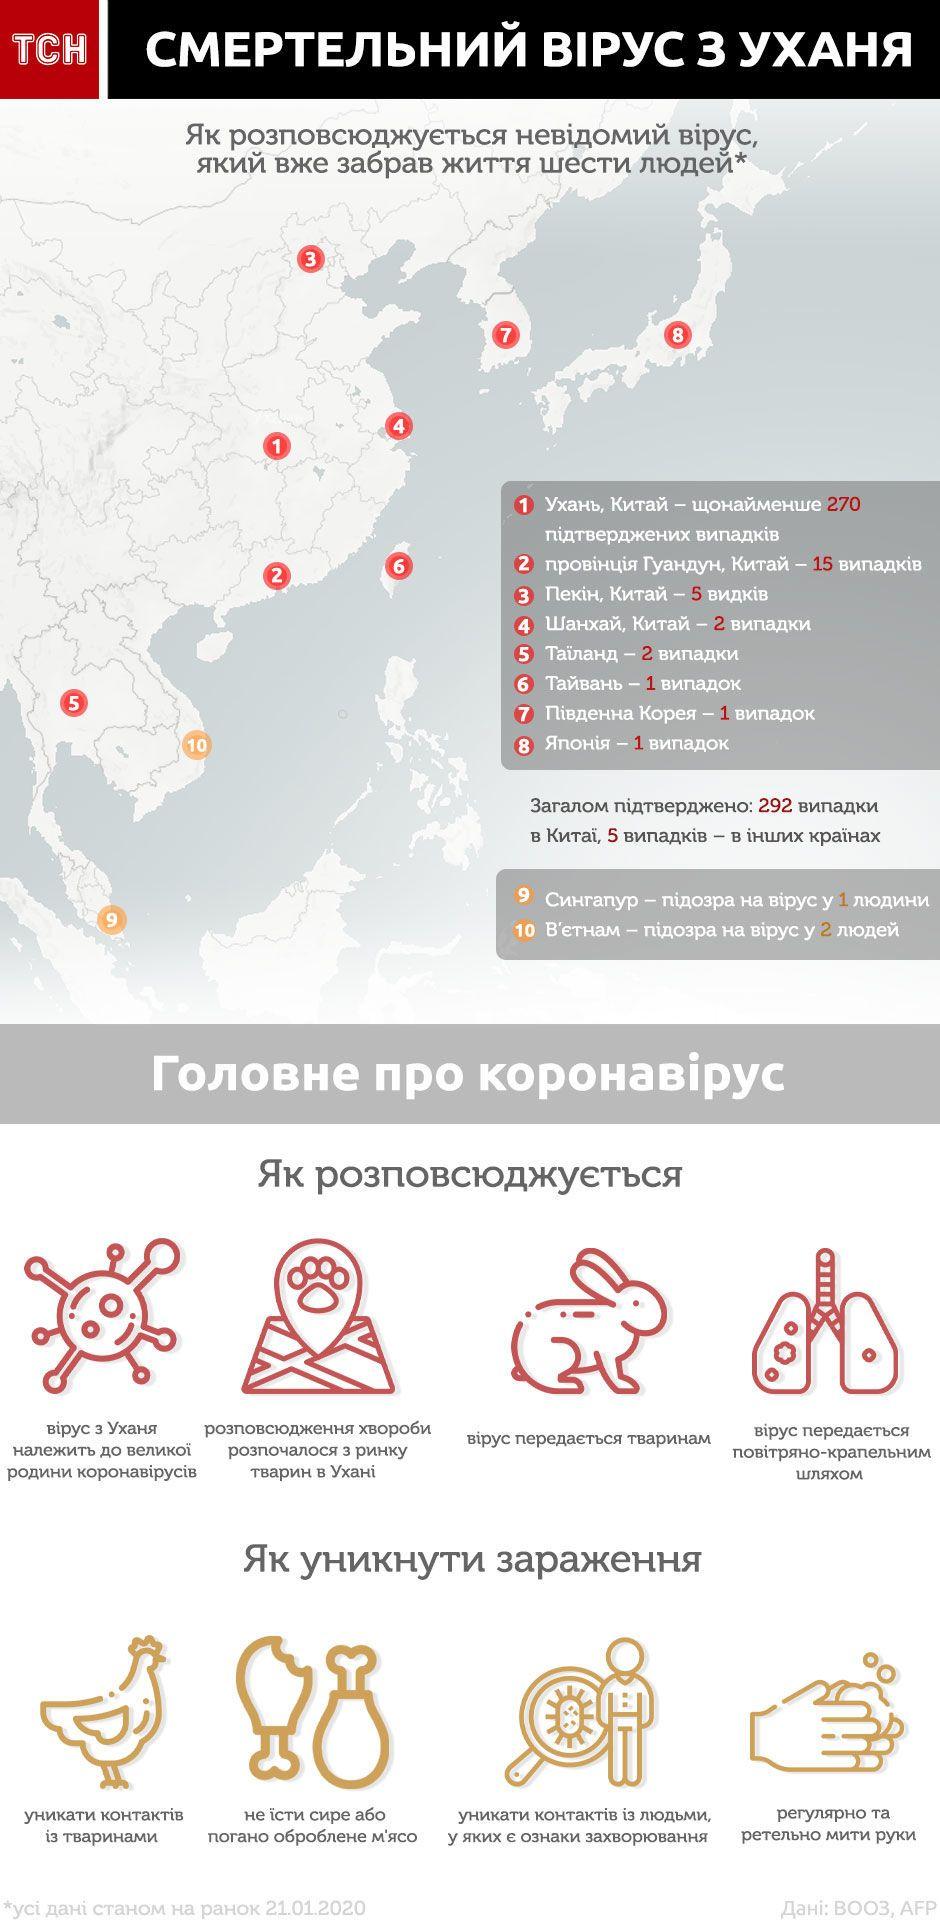 китайський коронавірус інфографіка біла версія